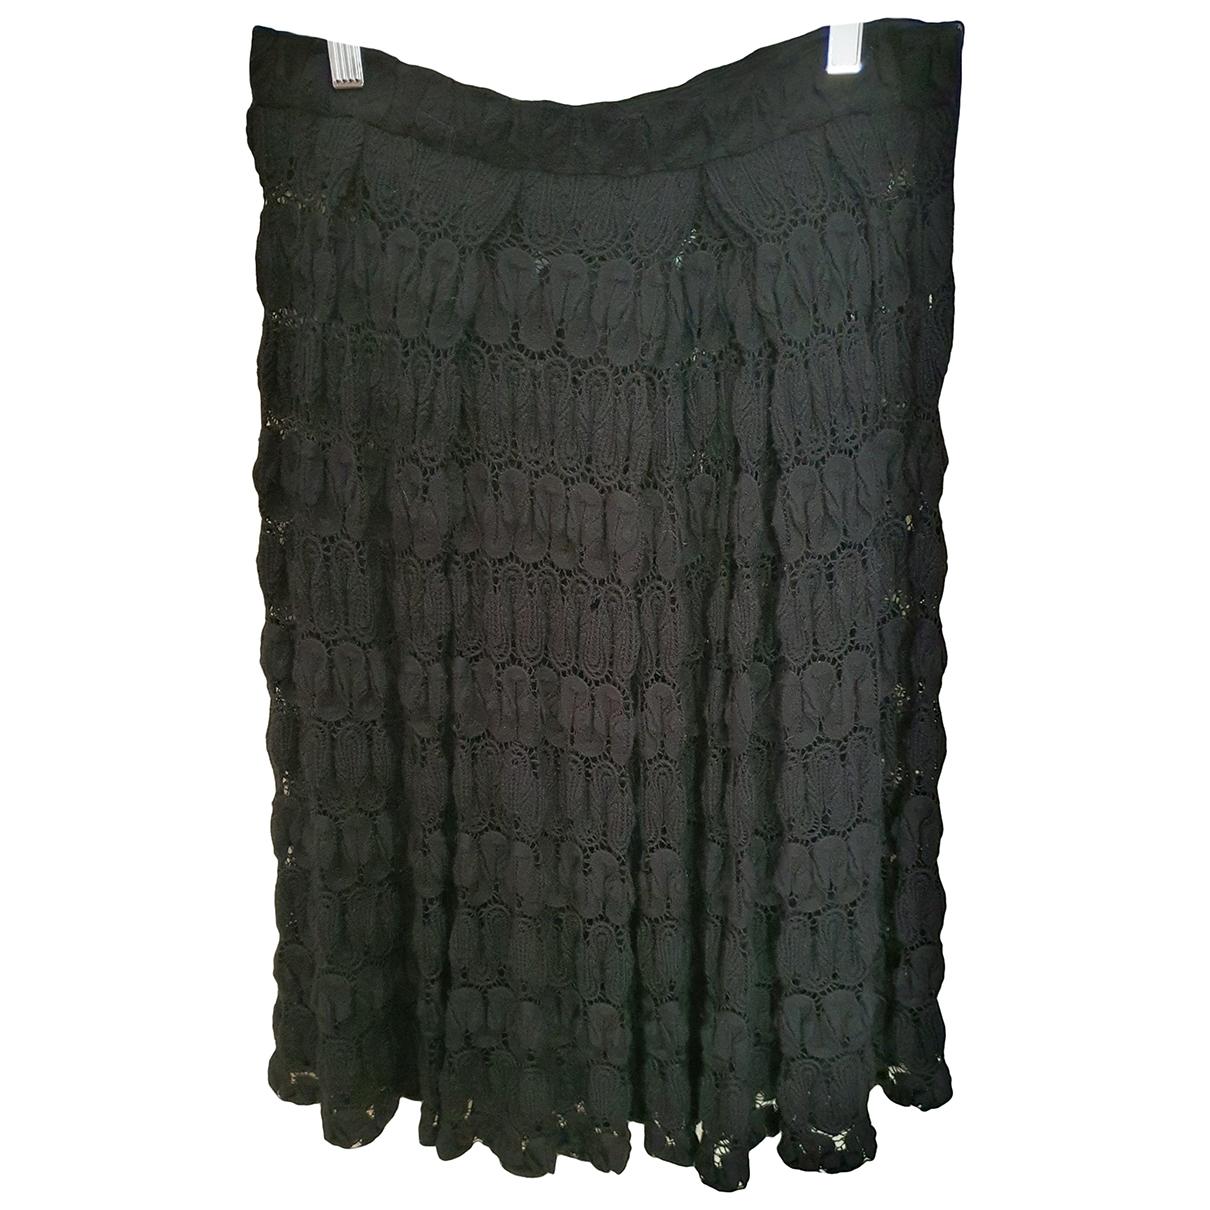 Dries Van Noten \N Black Wool skirt for Women 38 IT